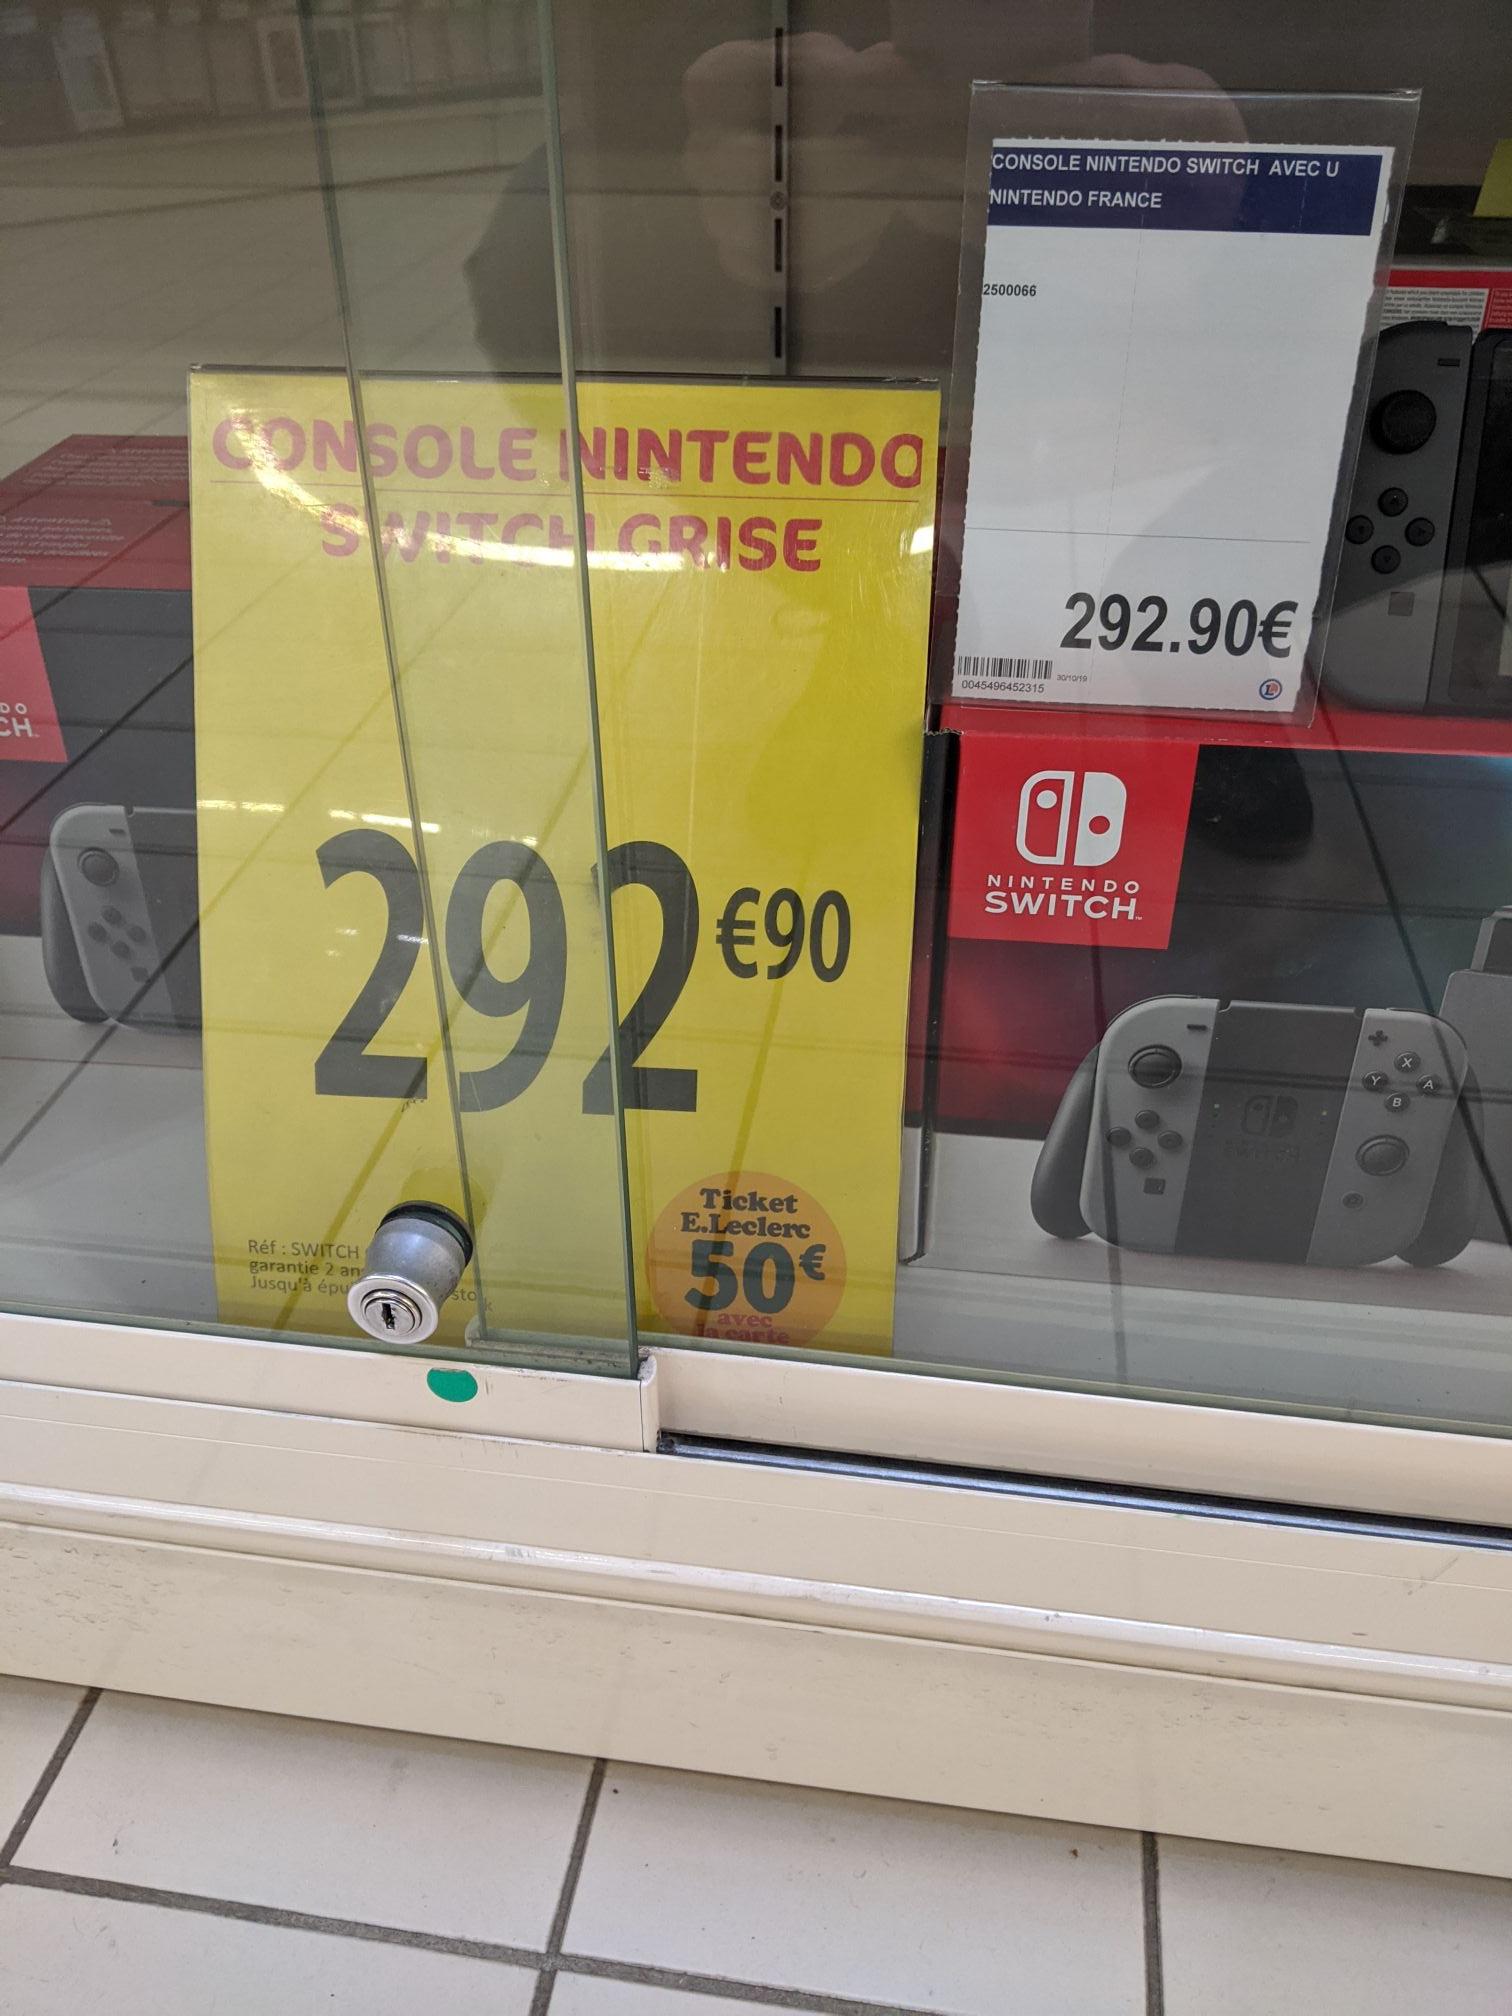 Console Nintendo Switch 242.90€ (292.90€ avec 50€ en ticket Leclerc) - 44